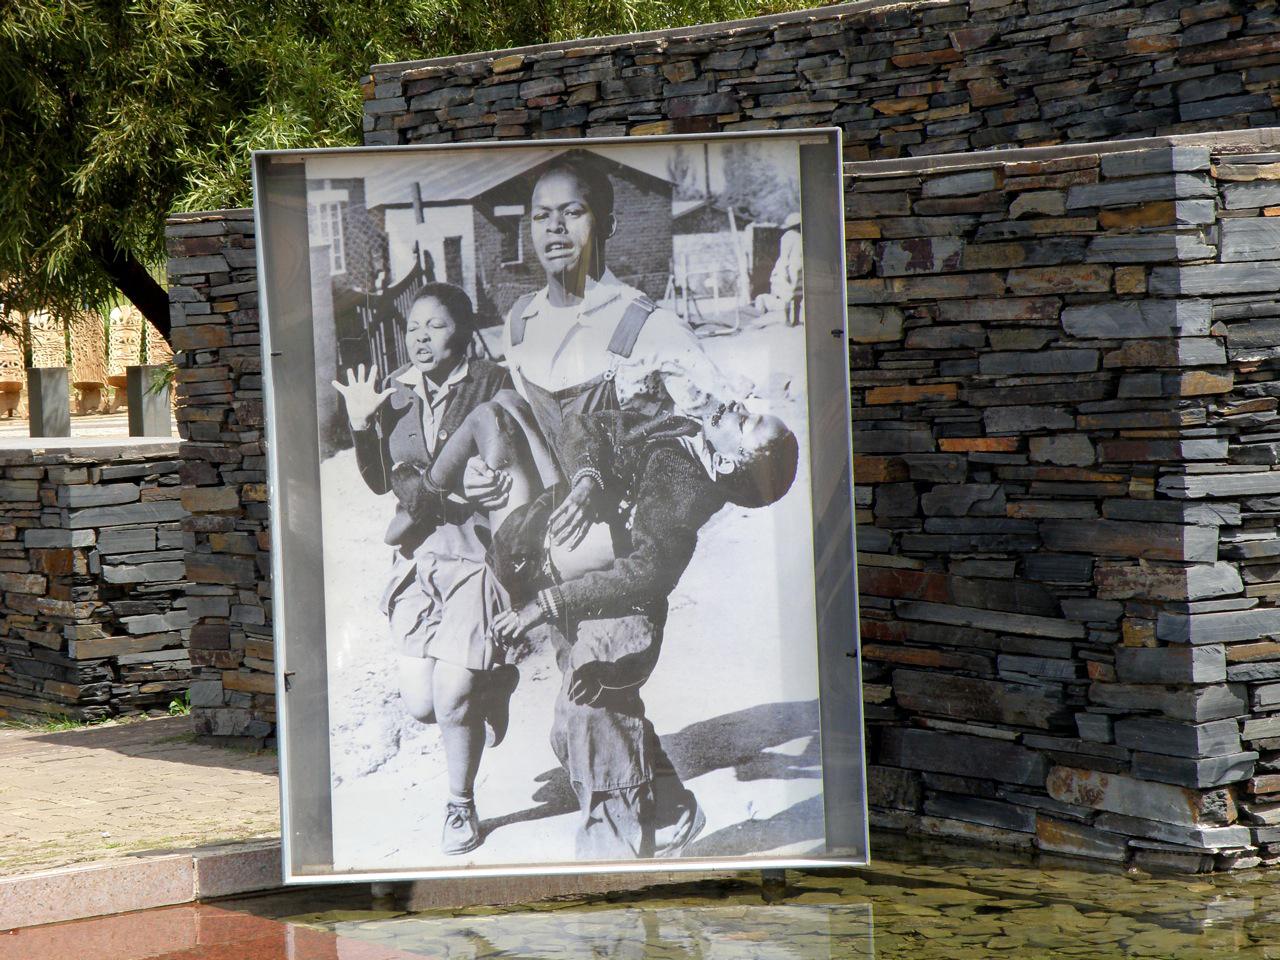 تصویری از موزه آپارتاید برای یادآوری مبارزات و فداکاری به نسل های آینده